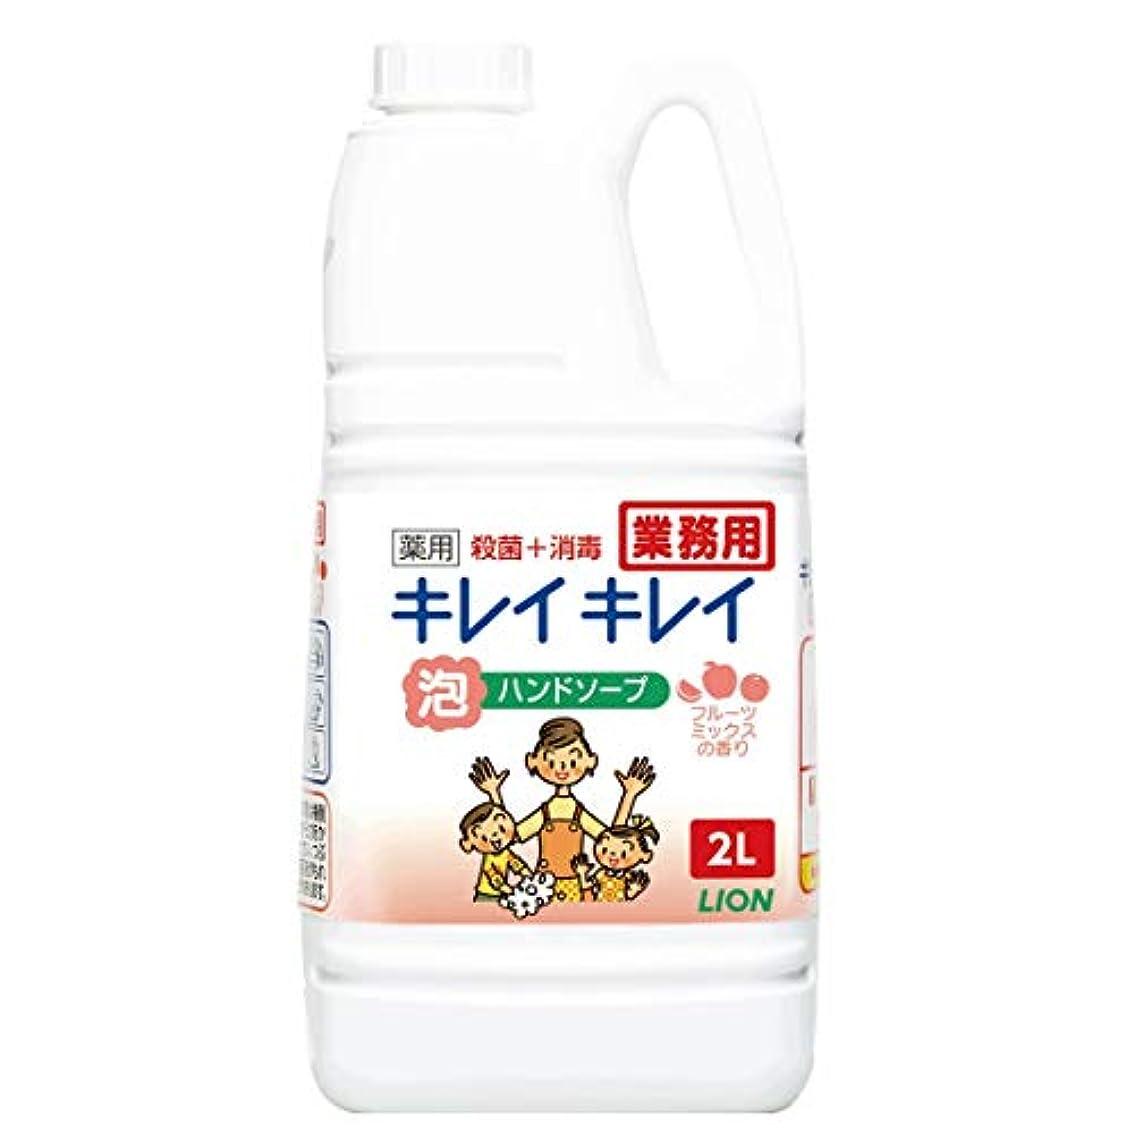 スズメバチサスティーントランジスタ【大容量】キレイキレイ 薬用泡ハンドソープ フルーツミックスの香り 2L